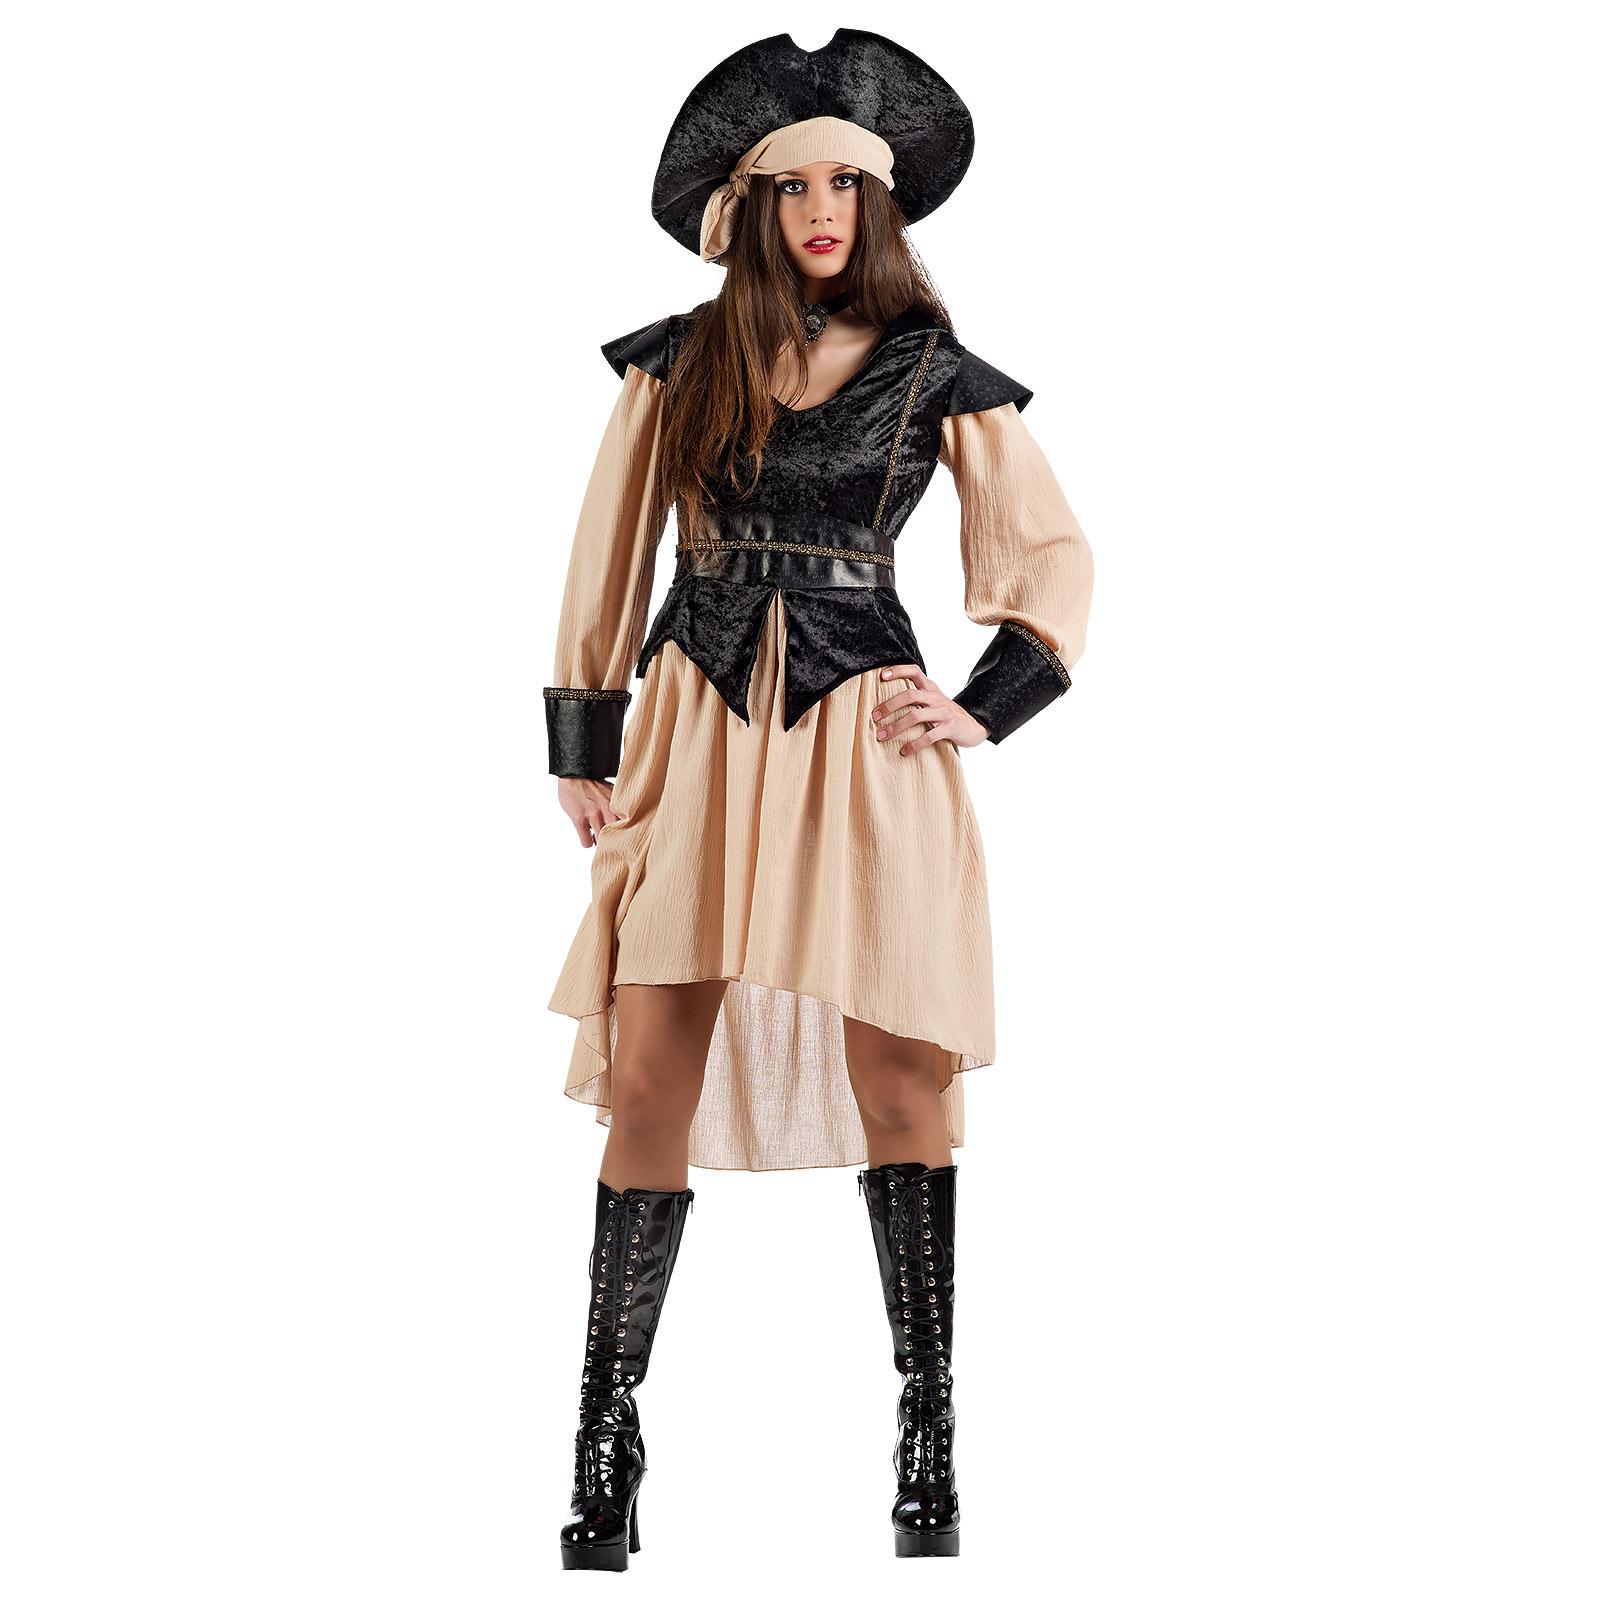 Piratin der sieben Meere - Kostüm Damen